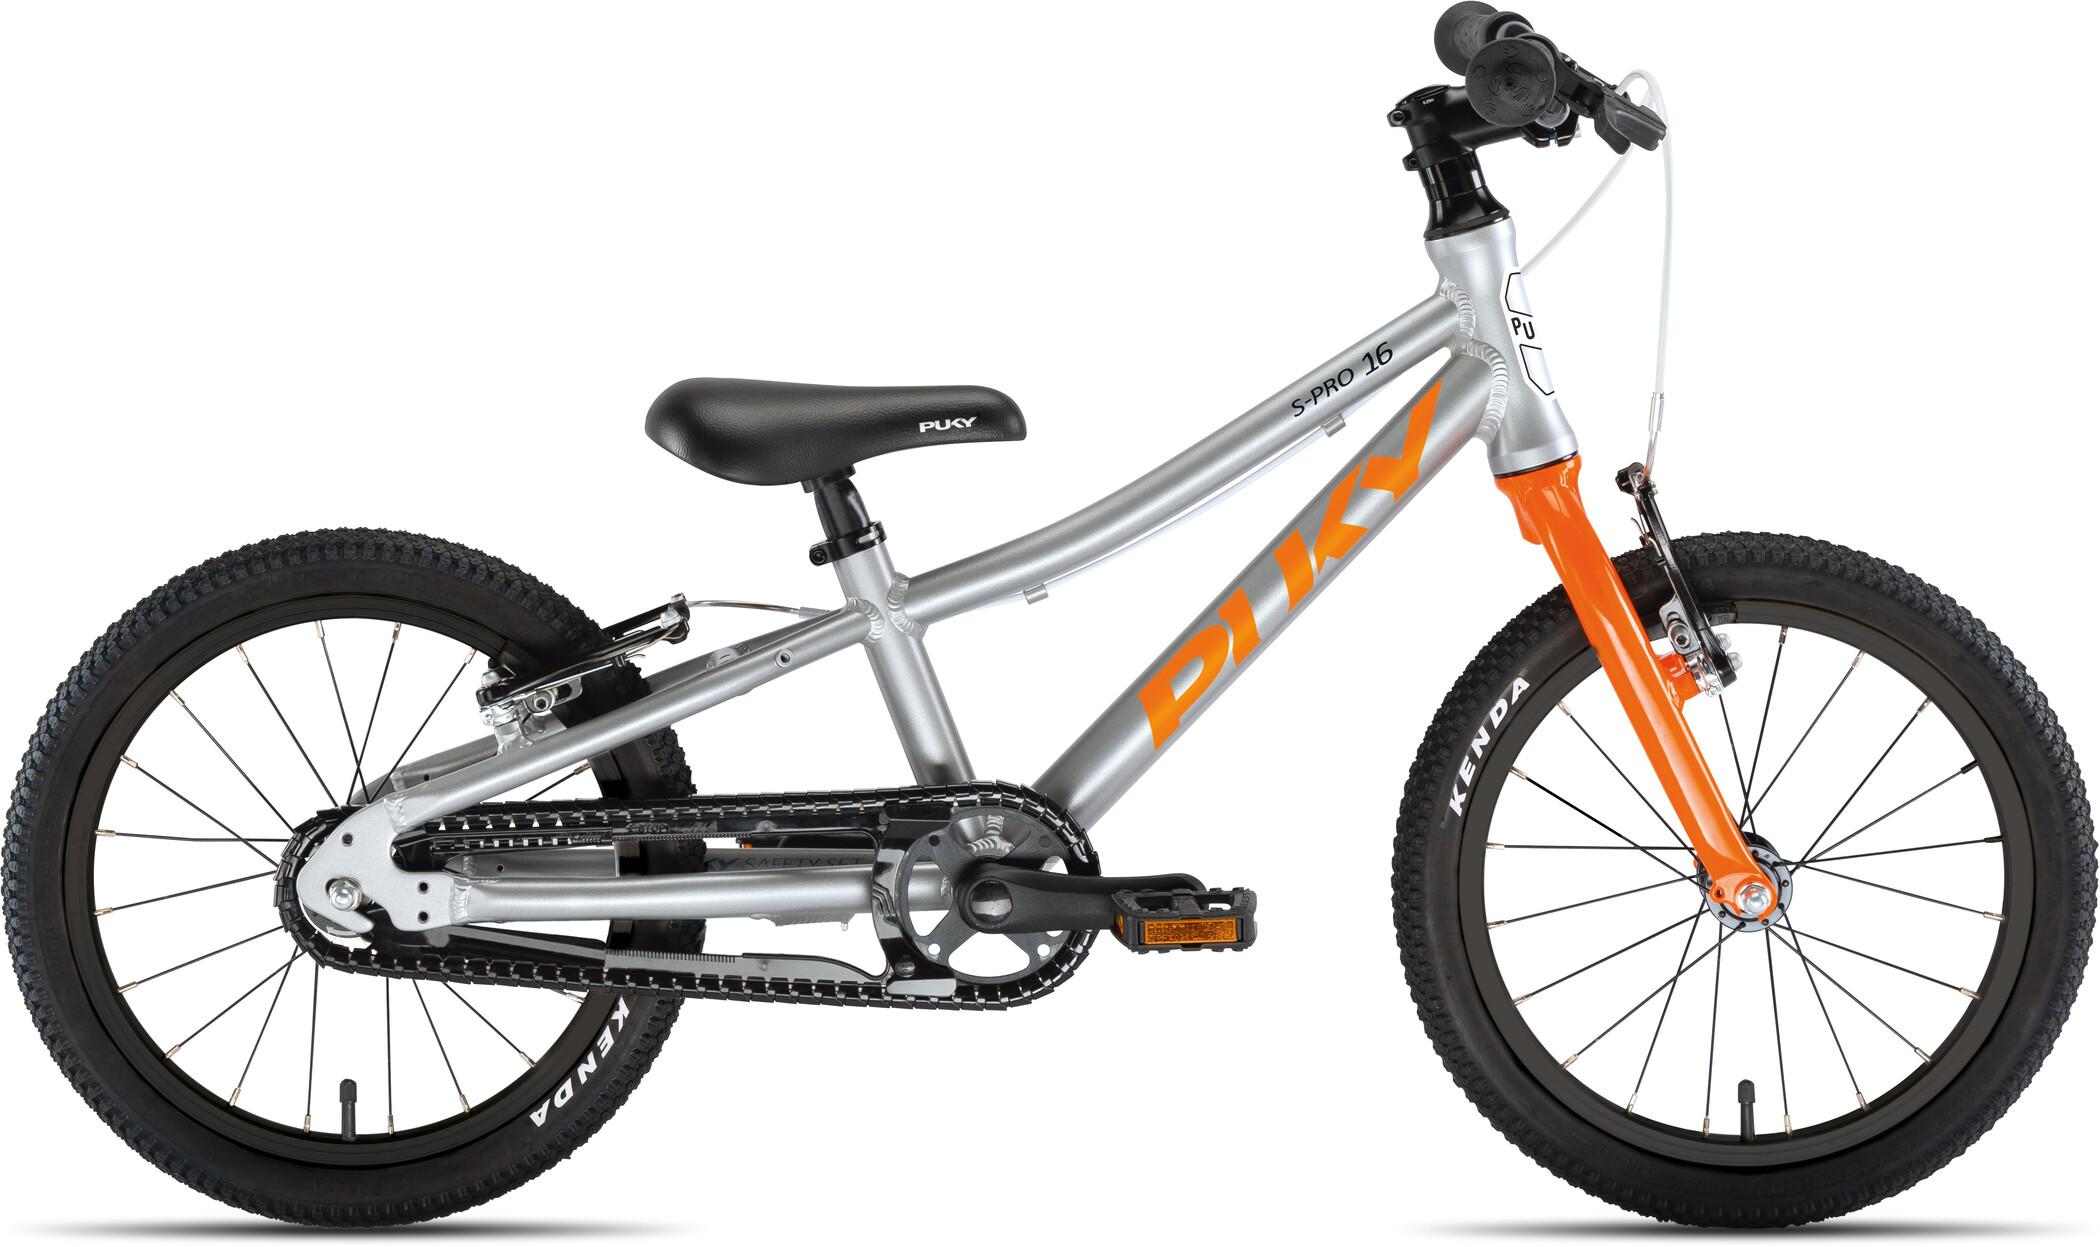 Kinderfahrrad 12 18 Zoll günstig kaufen | bikester.at